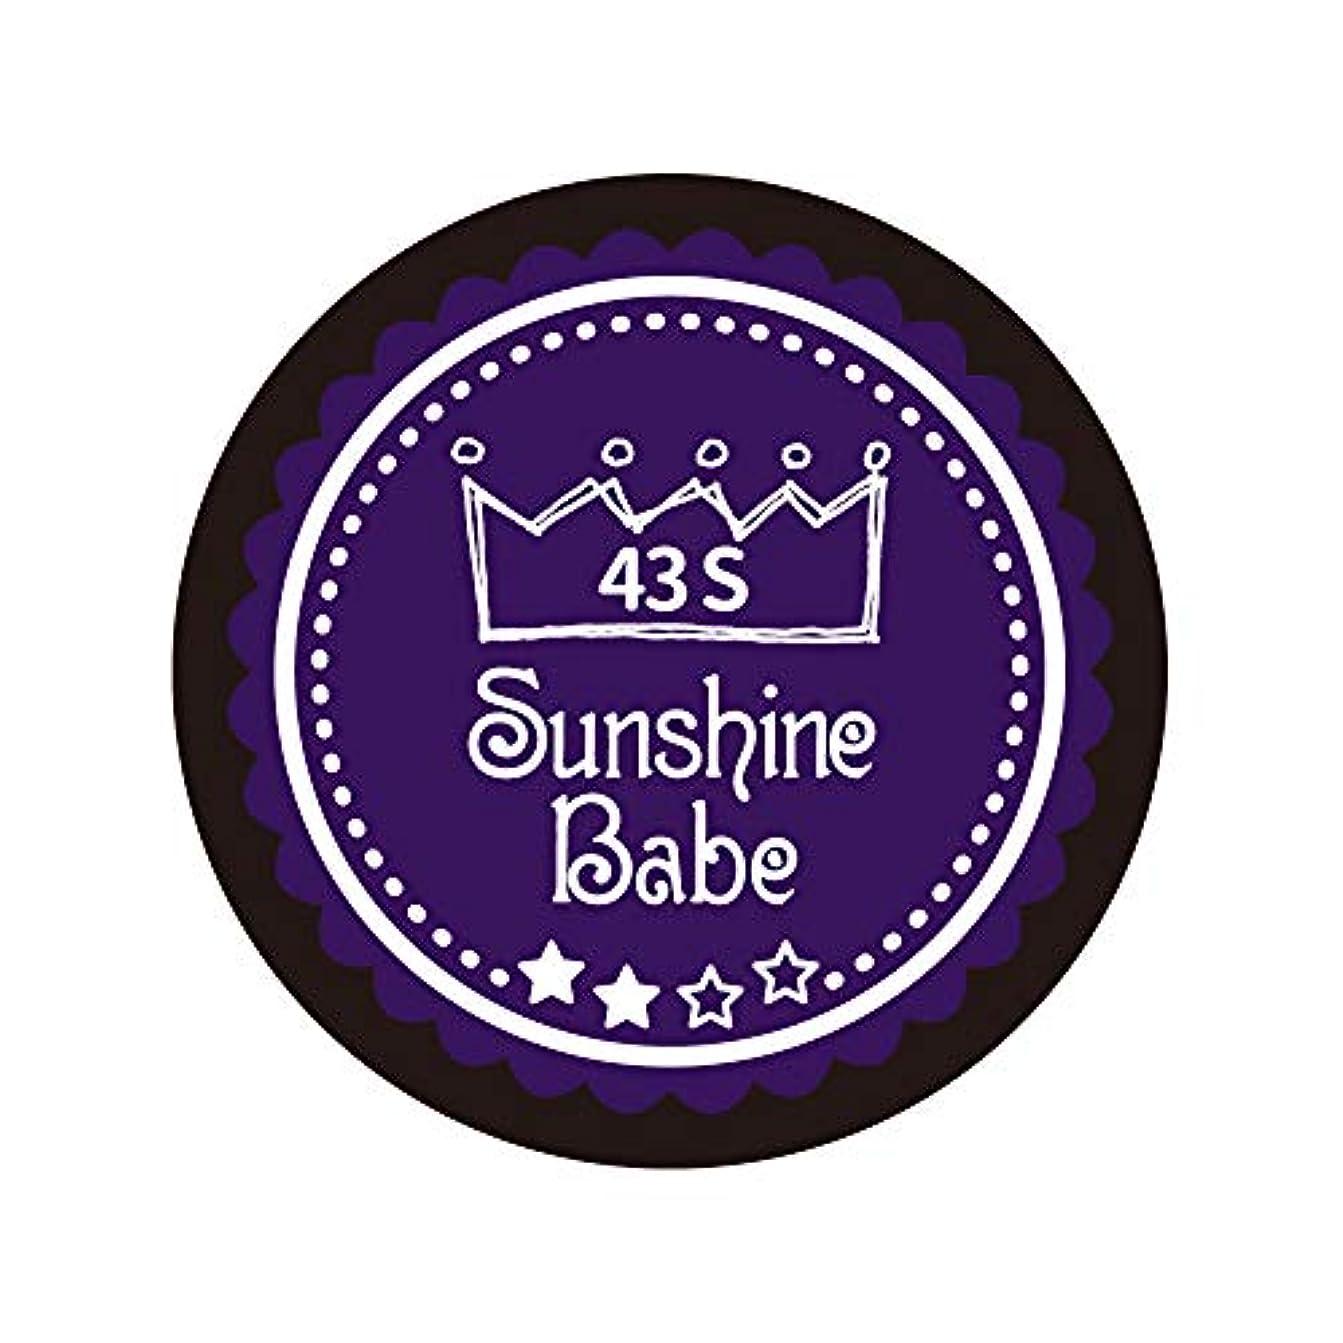 アリペインティングシーボードSunshine Babe カラージェル 43S オータムウルトラバイオレット 2.7g UV/LED対応